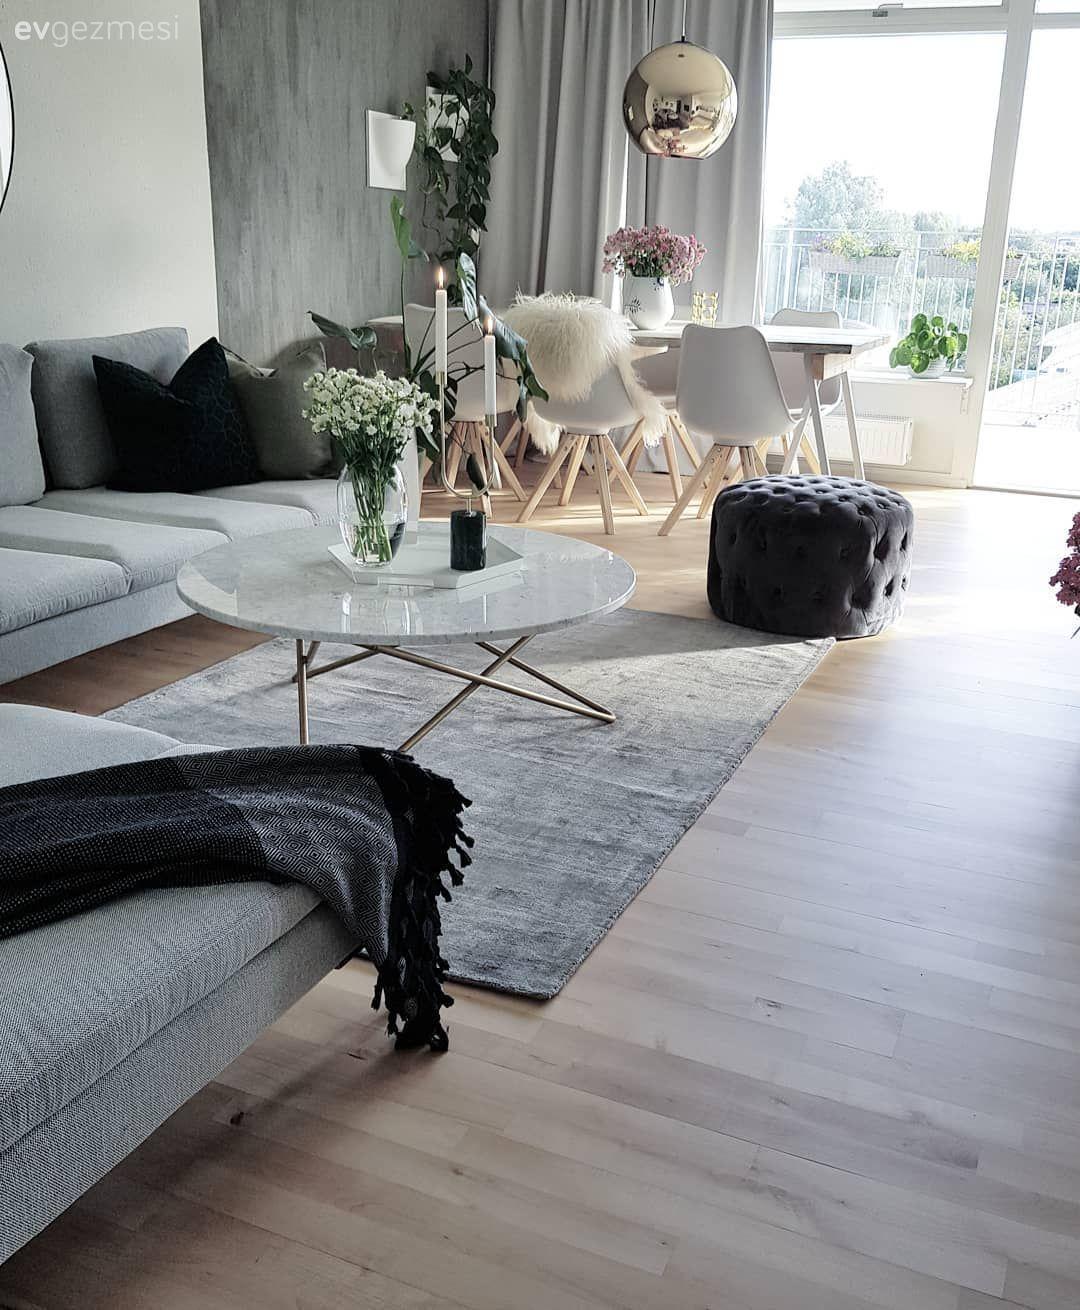 Cekici Keyifli Iskandinav Stilde Bir Ev Ev Gezmesi Ikea Oturma Odasi Oturma Odasi Dekorasyonu Mobilya Fikirleri